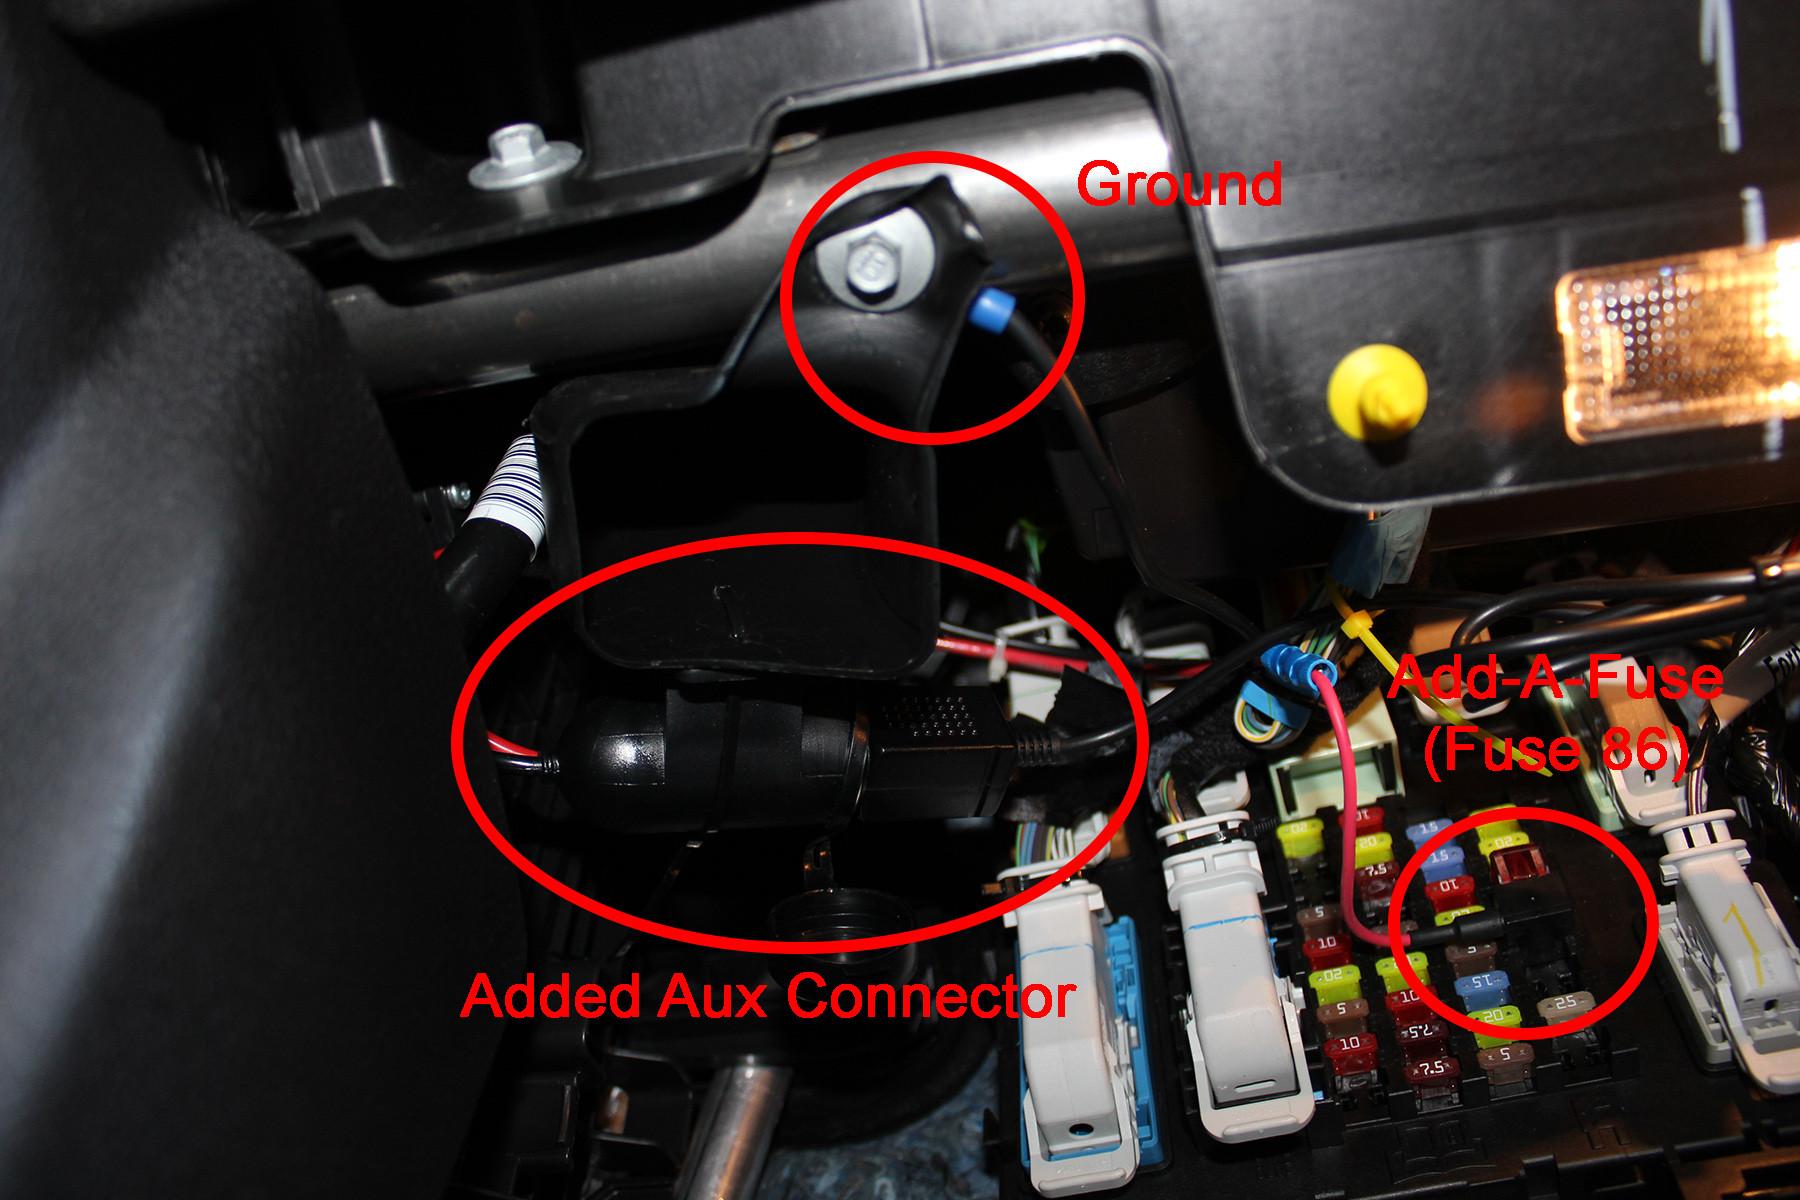 Gl 7950 Ford Focus Radio Wiring Diagram 2005 Ford Fiesta St Johnywheels Free Diagram